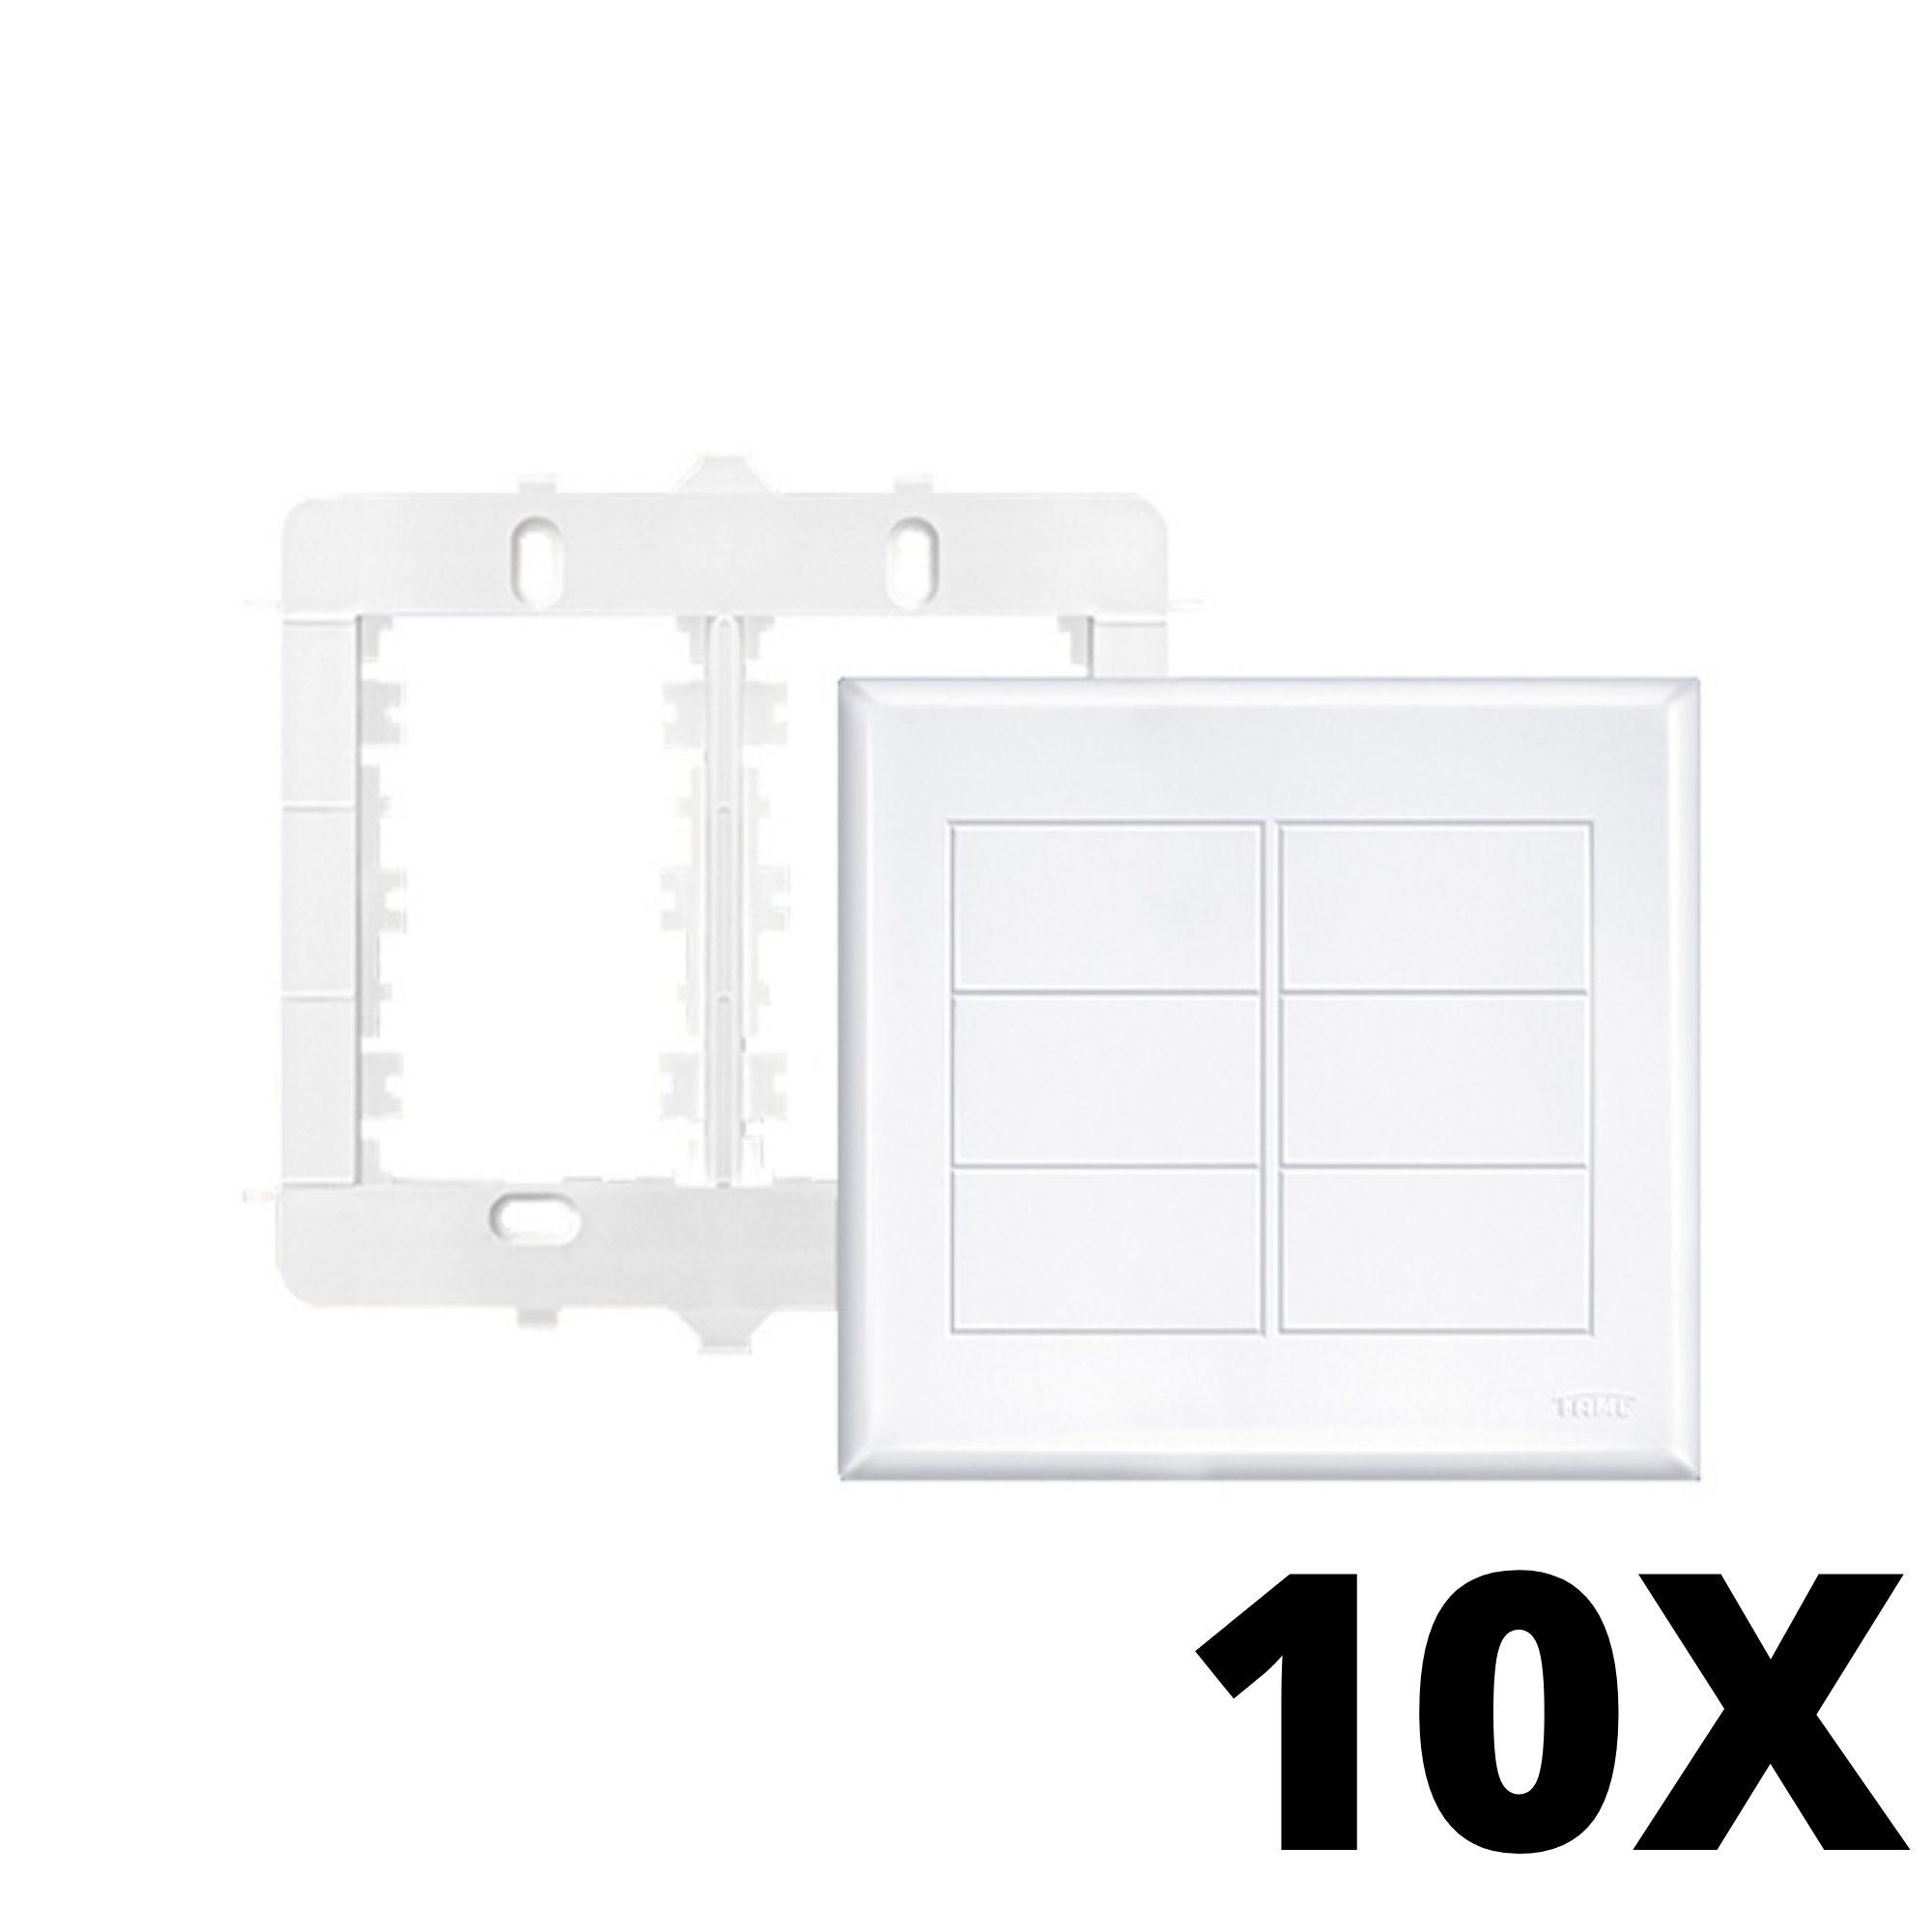 Kit 10 und Evidence Placa 4x4 Cega